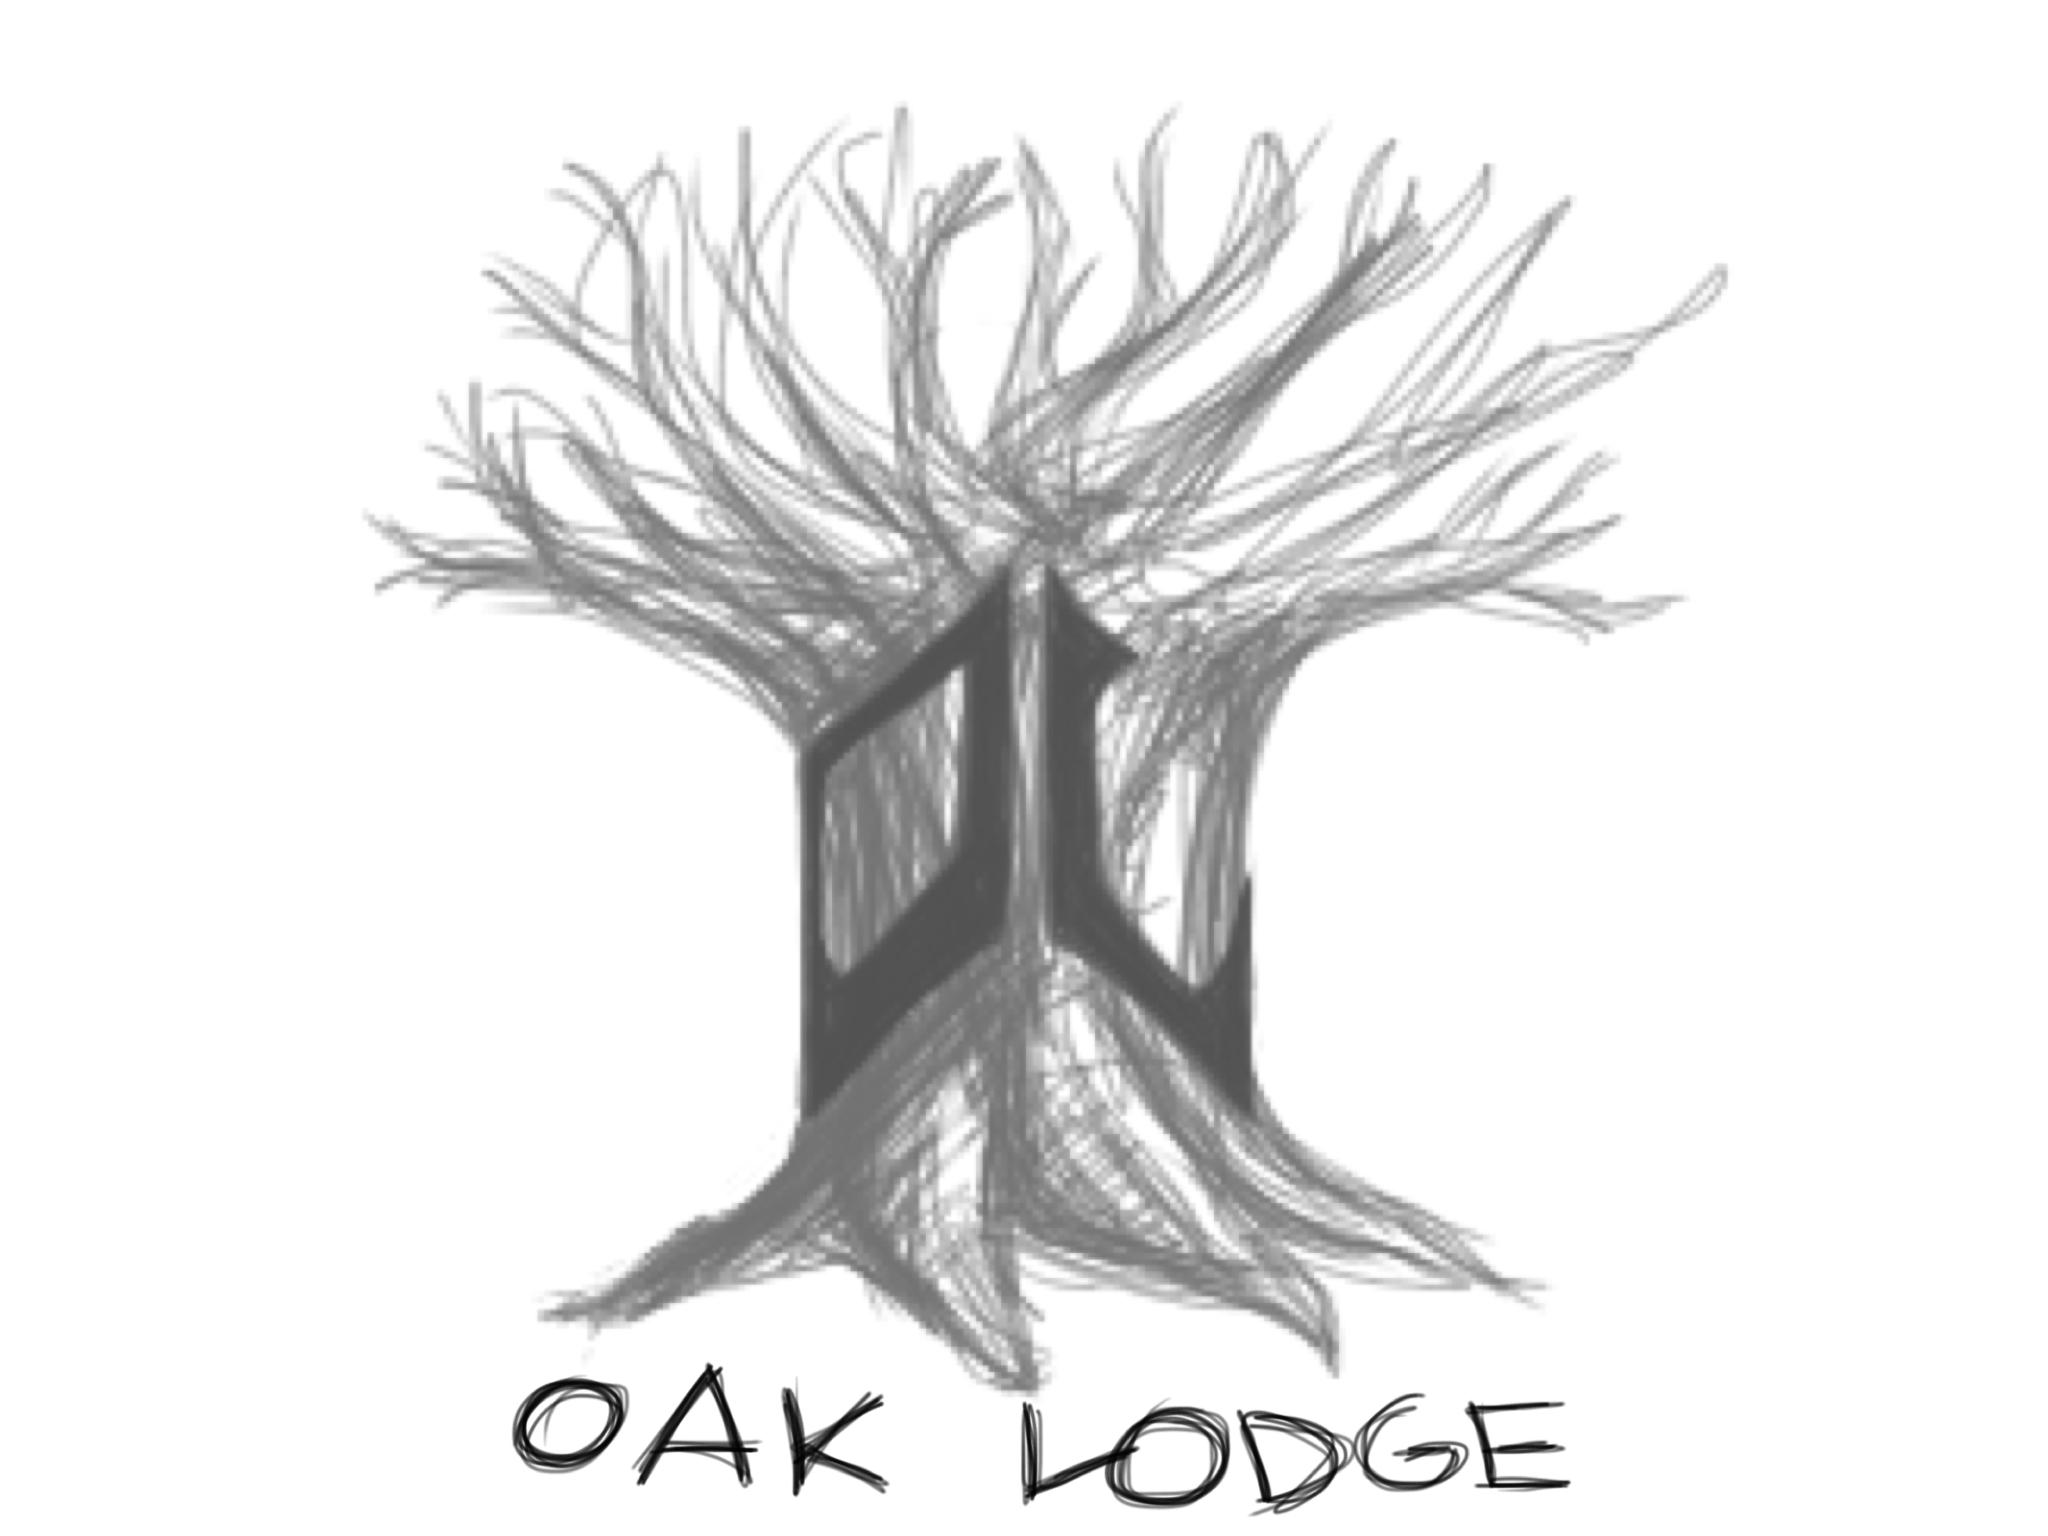 Oak Lodge by Falling-Card